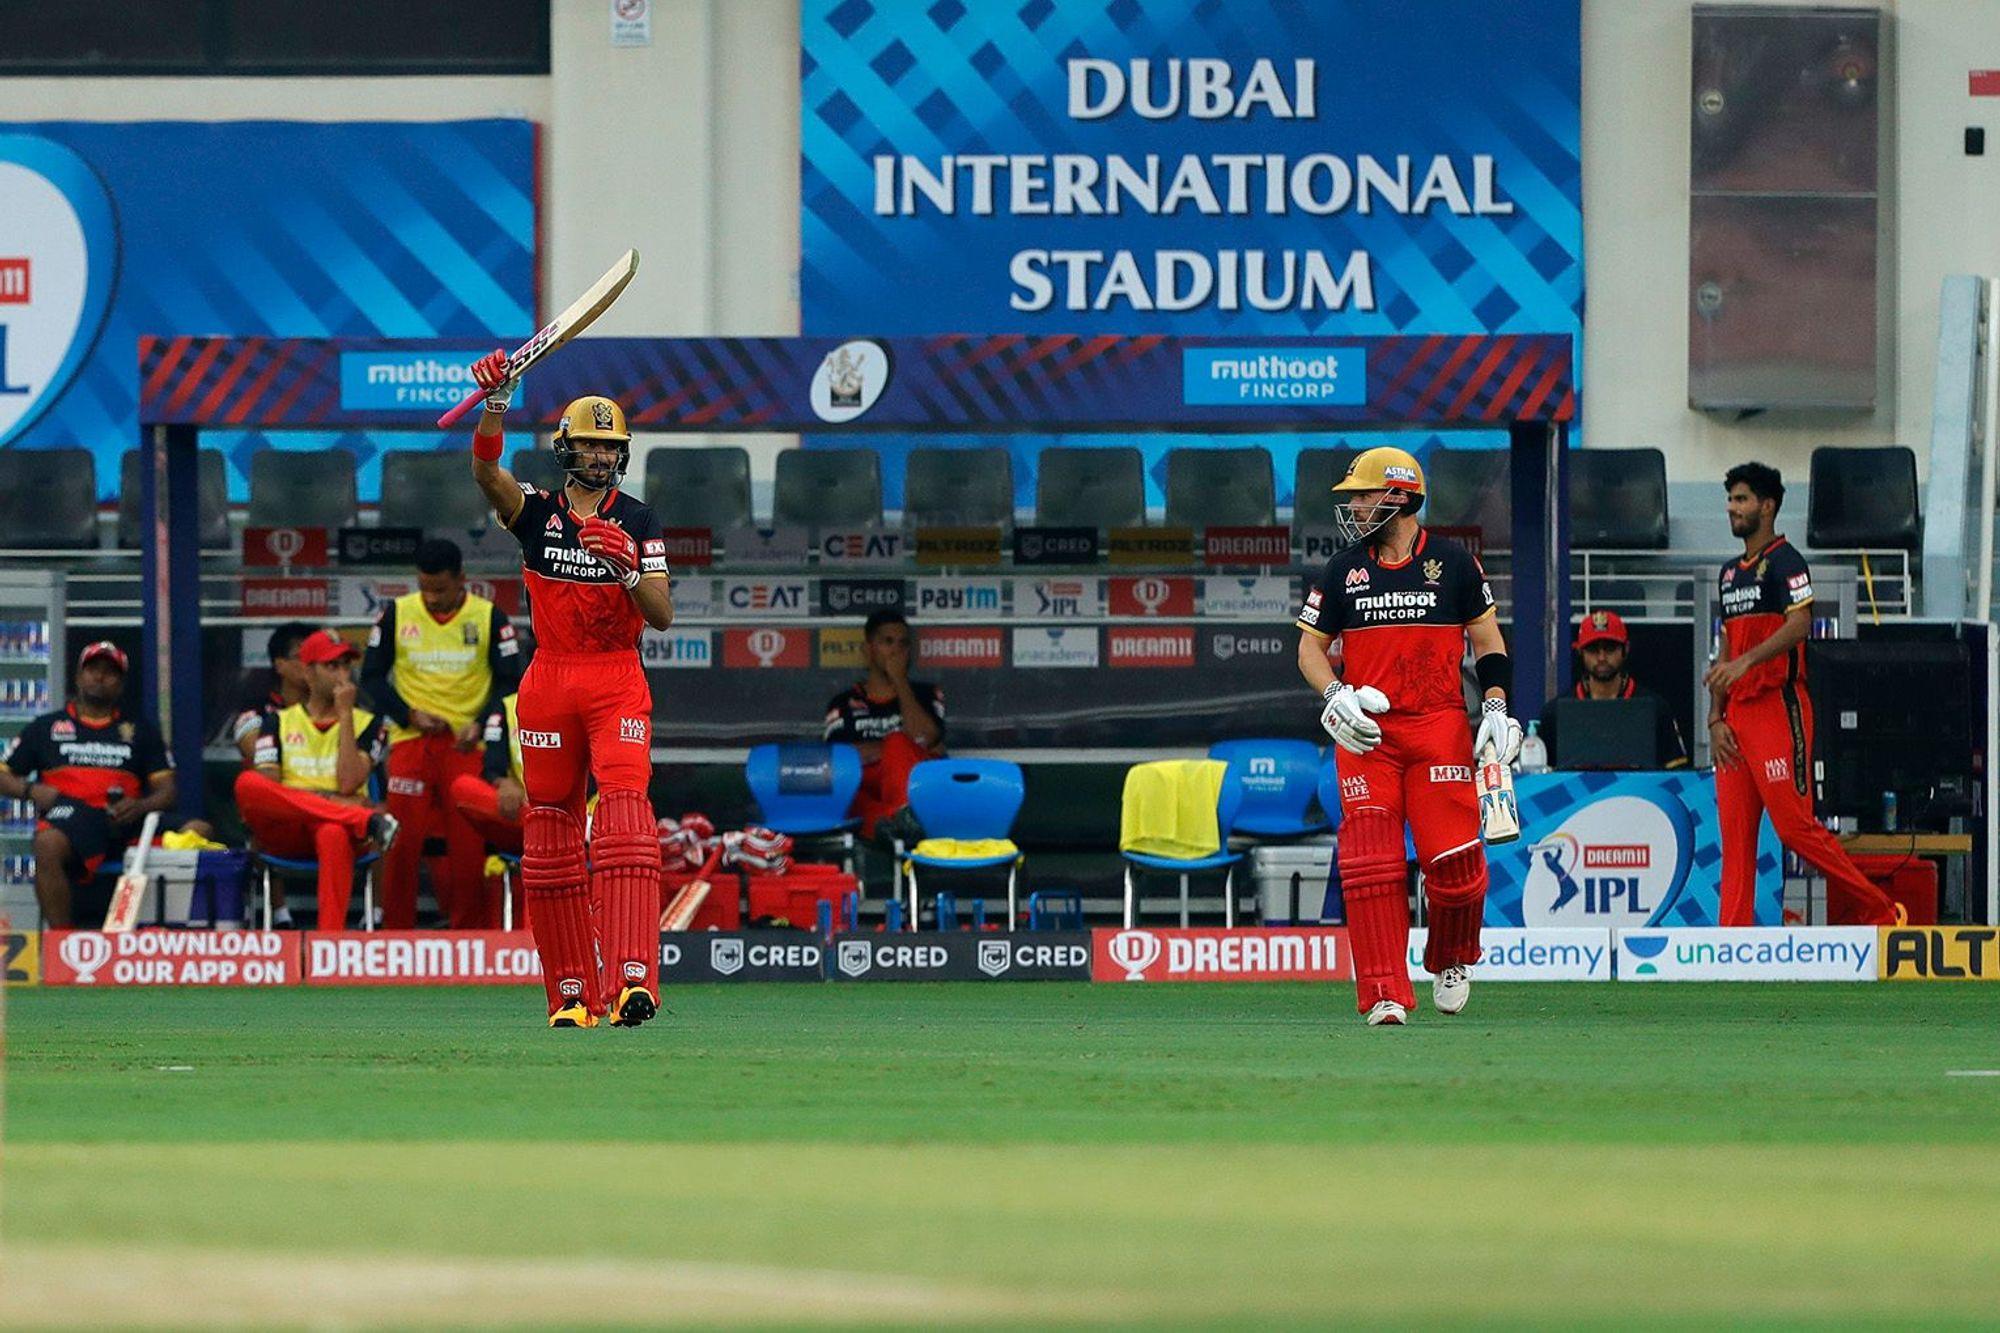 SRHvRCB: इस युवा गेंदबाज ने लिया विराट कोहली का विकेट, 14 रन बनाकर हुए आउट, देखें वीडियो 4